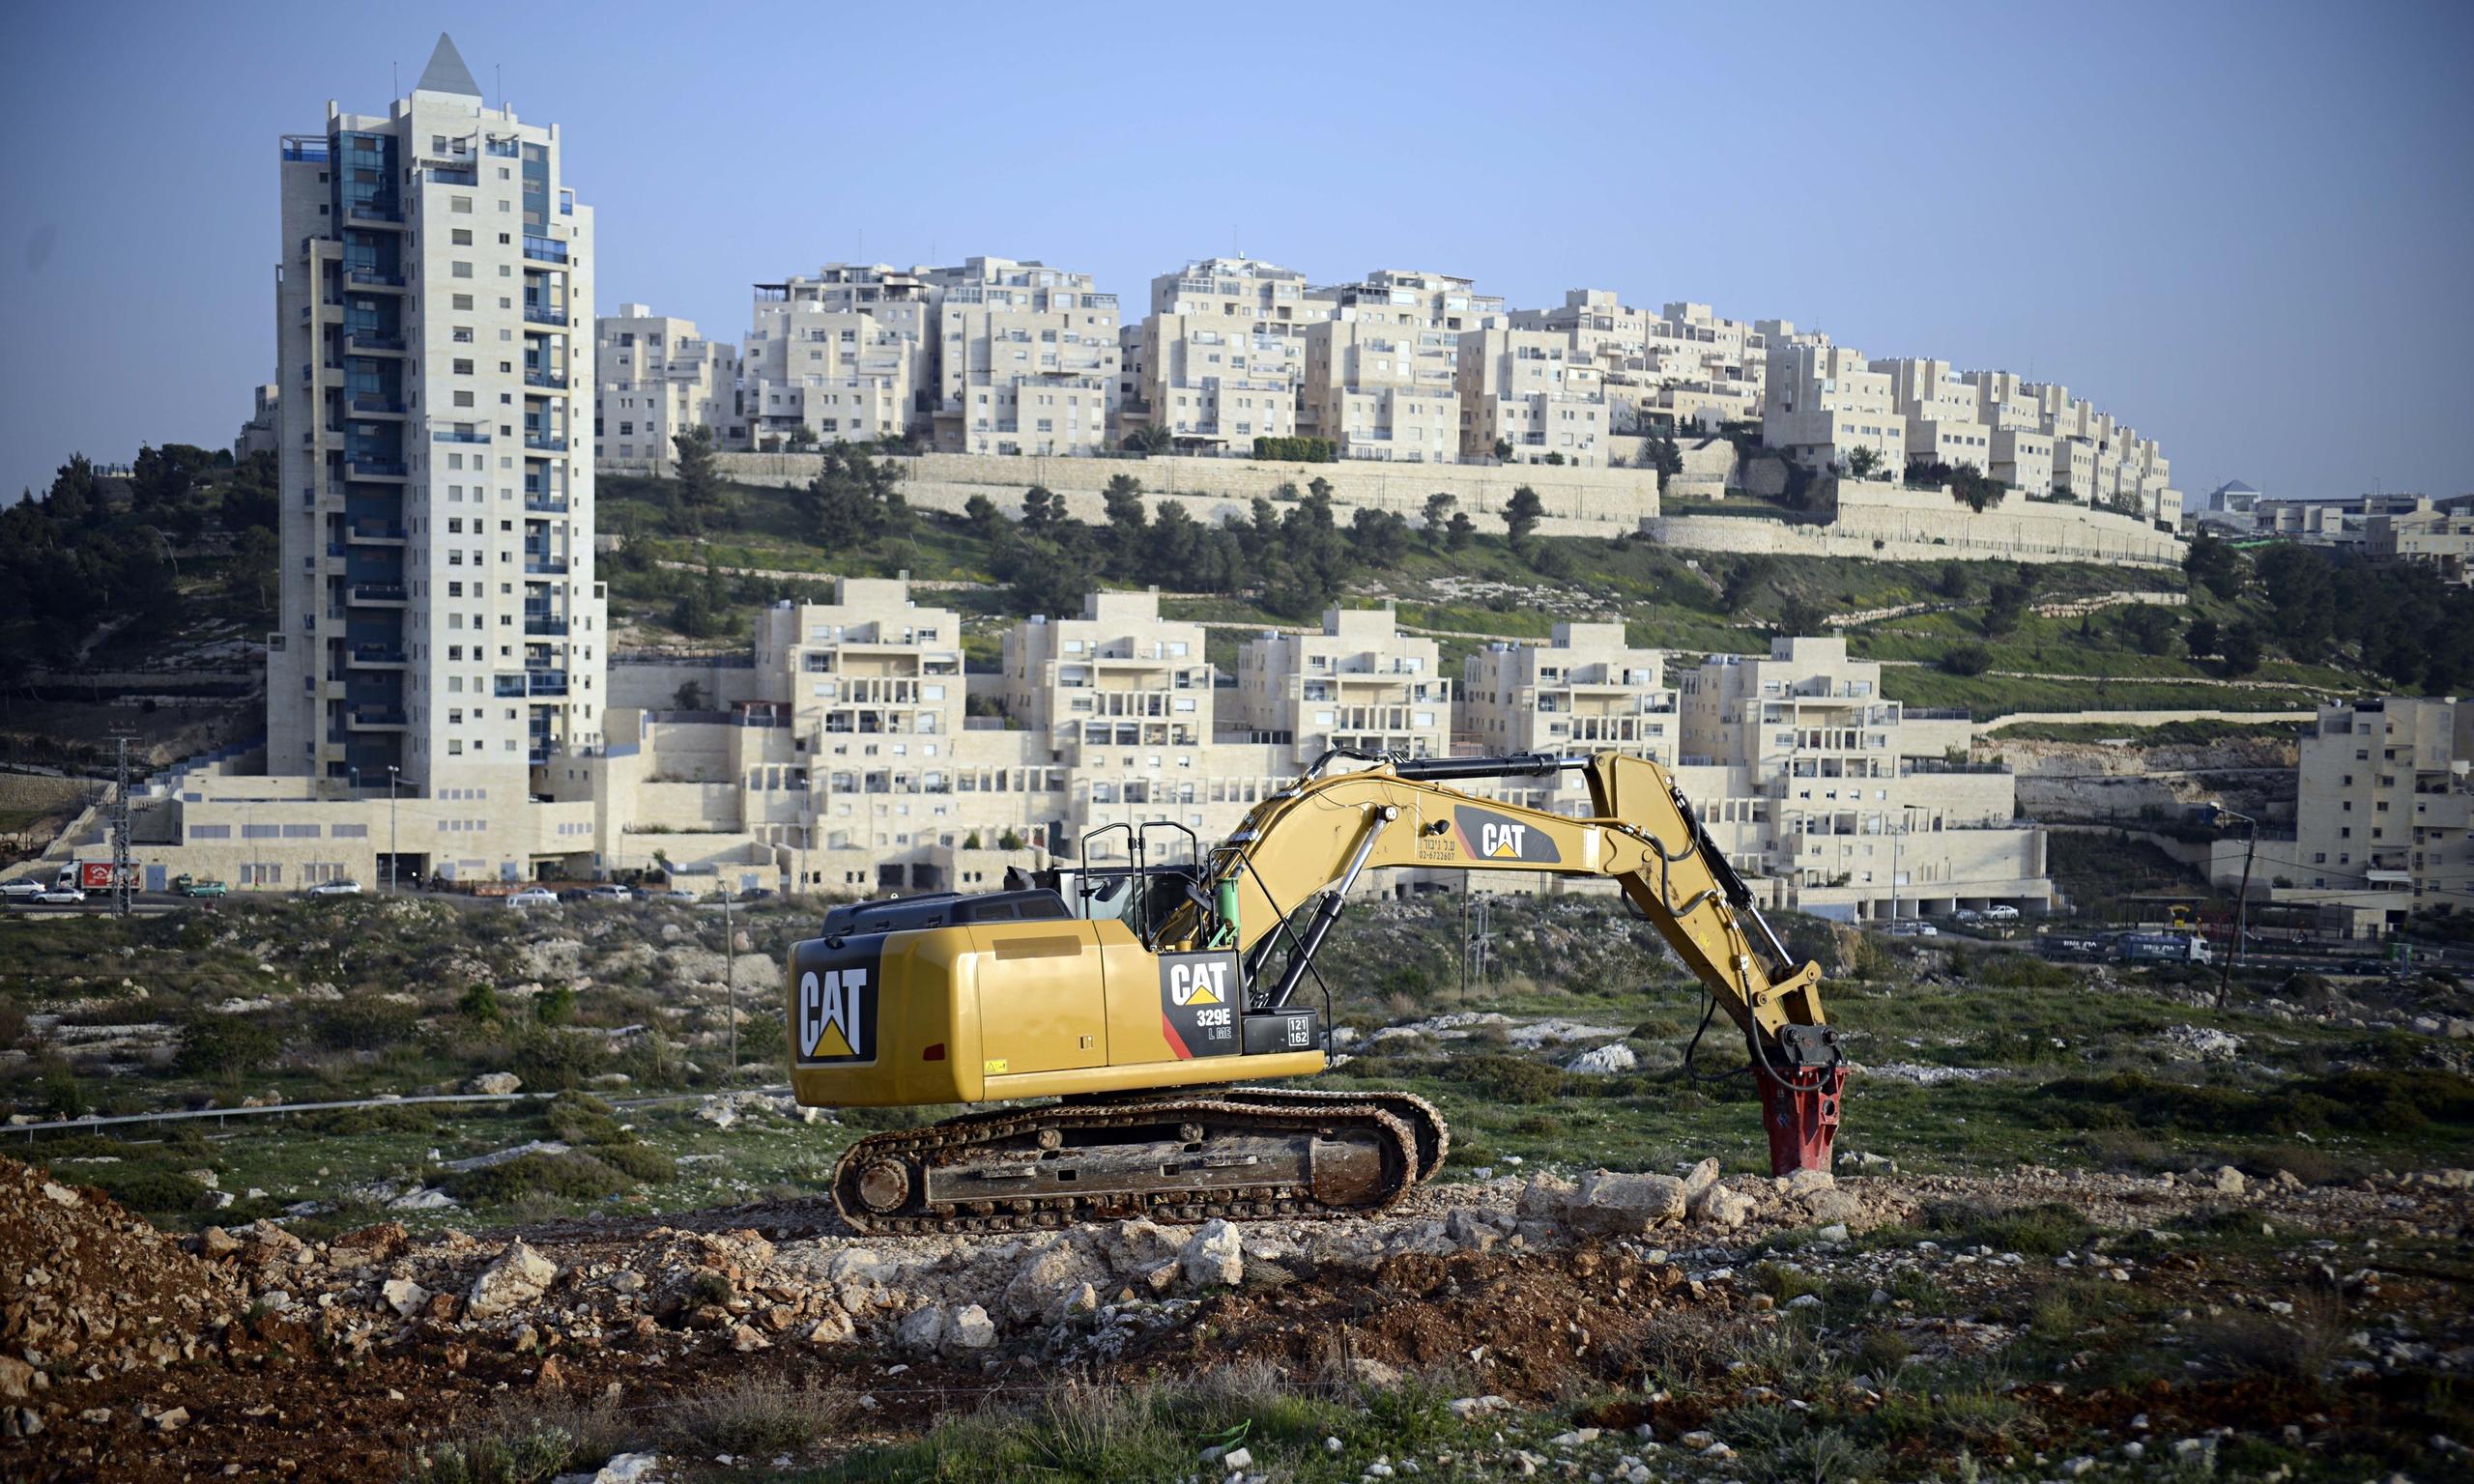 الرئاسة الفلسطينية: الاستيطان بالقدس والضفة غير شرعي